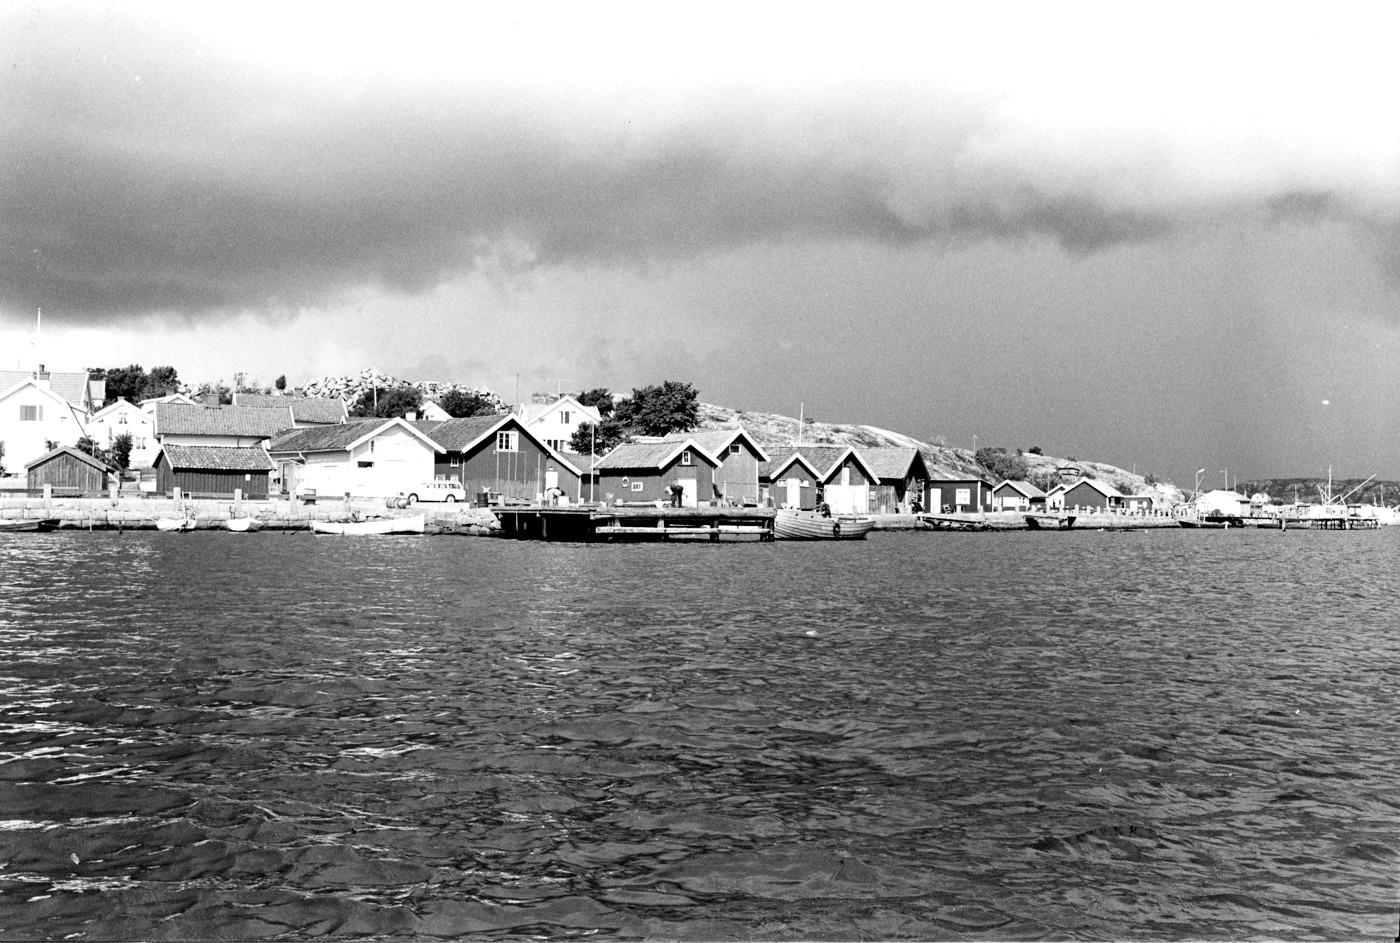 """Foto Claes Funck 1968. Sjöbodar, ångbåtsbrygga och Thores livs från sjön.  Längst till höger Grönvik med utskeppningskaj och huggeri av kant- och gatsten, sk """"knott""""."""